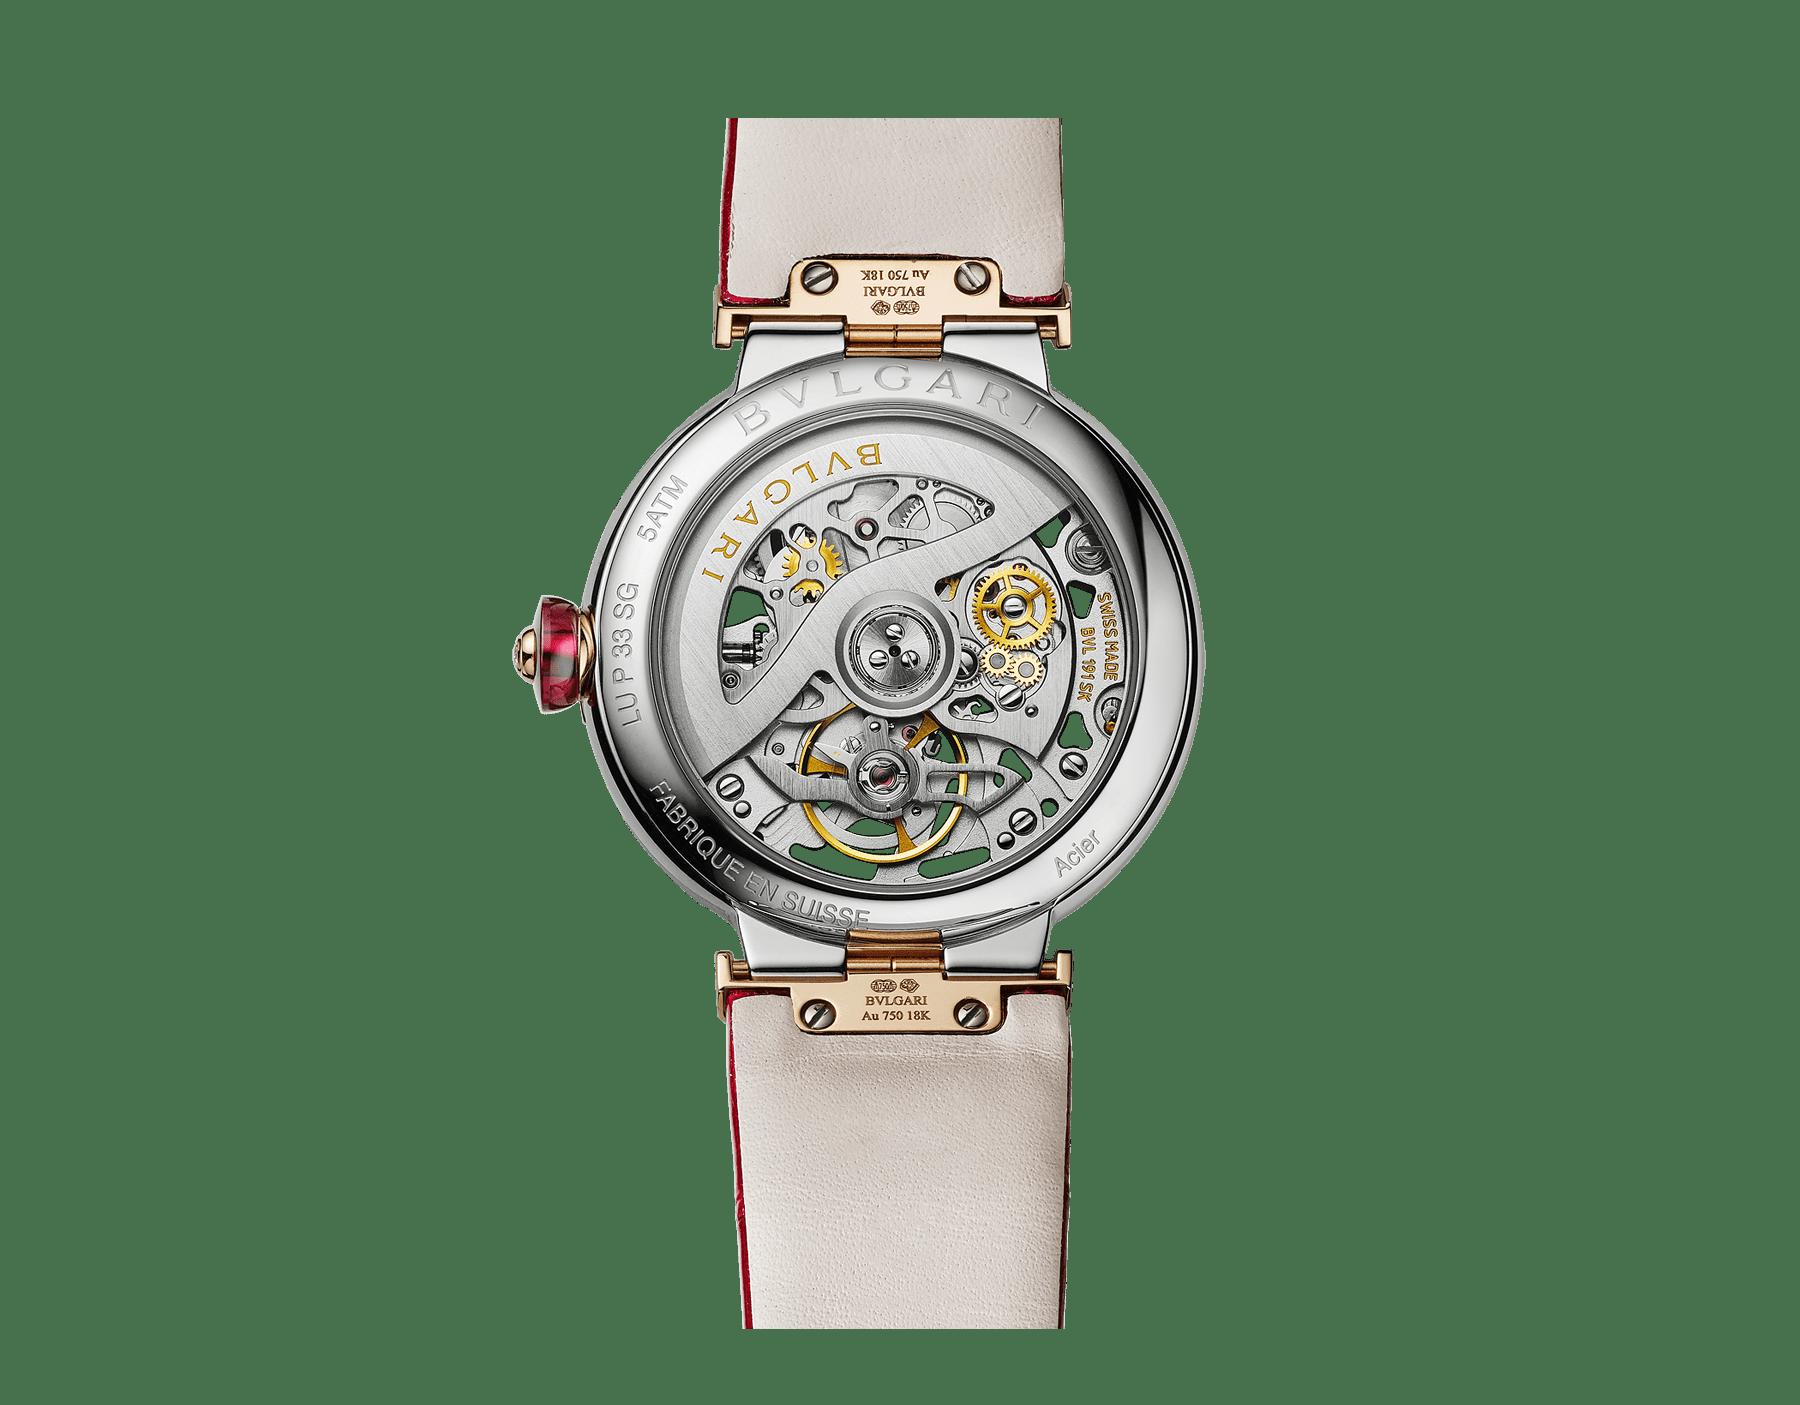 Relógio LVCEA Skeleton com movimento mecânico, corda automática e execução esqueletizada, caixa em aço, bezel em ouro rosa 18K, mostrador com logotipo BVLGARI em aço vazado cravejado com rubis e pulseira em couro de jacaré vermelho 103122 image 4